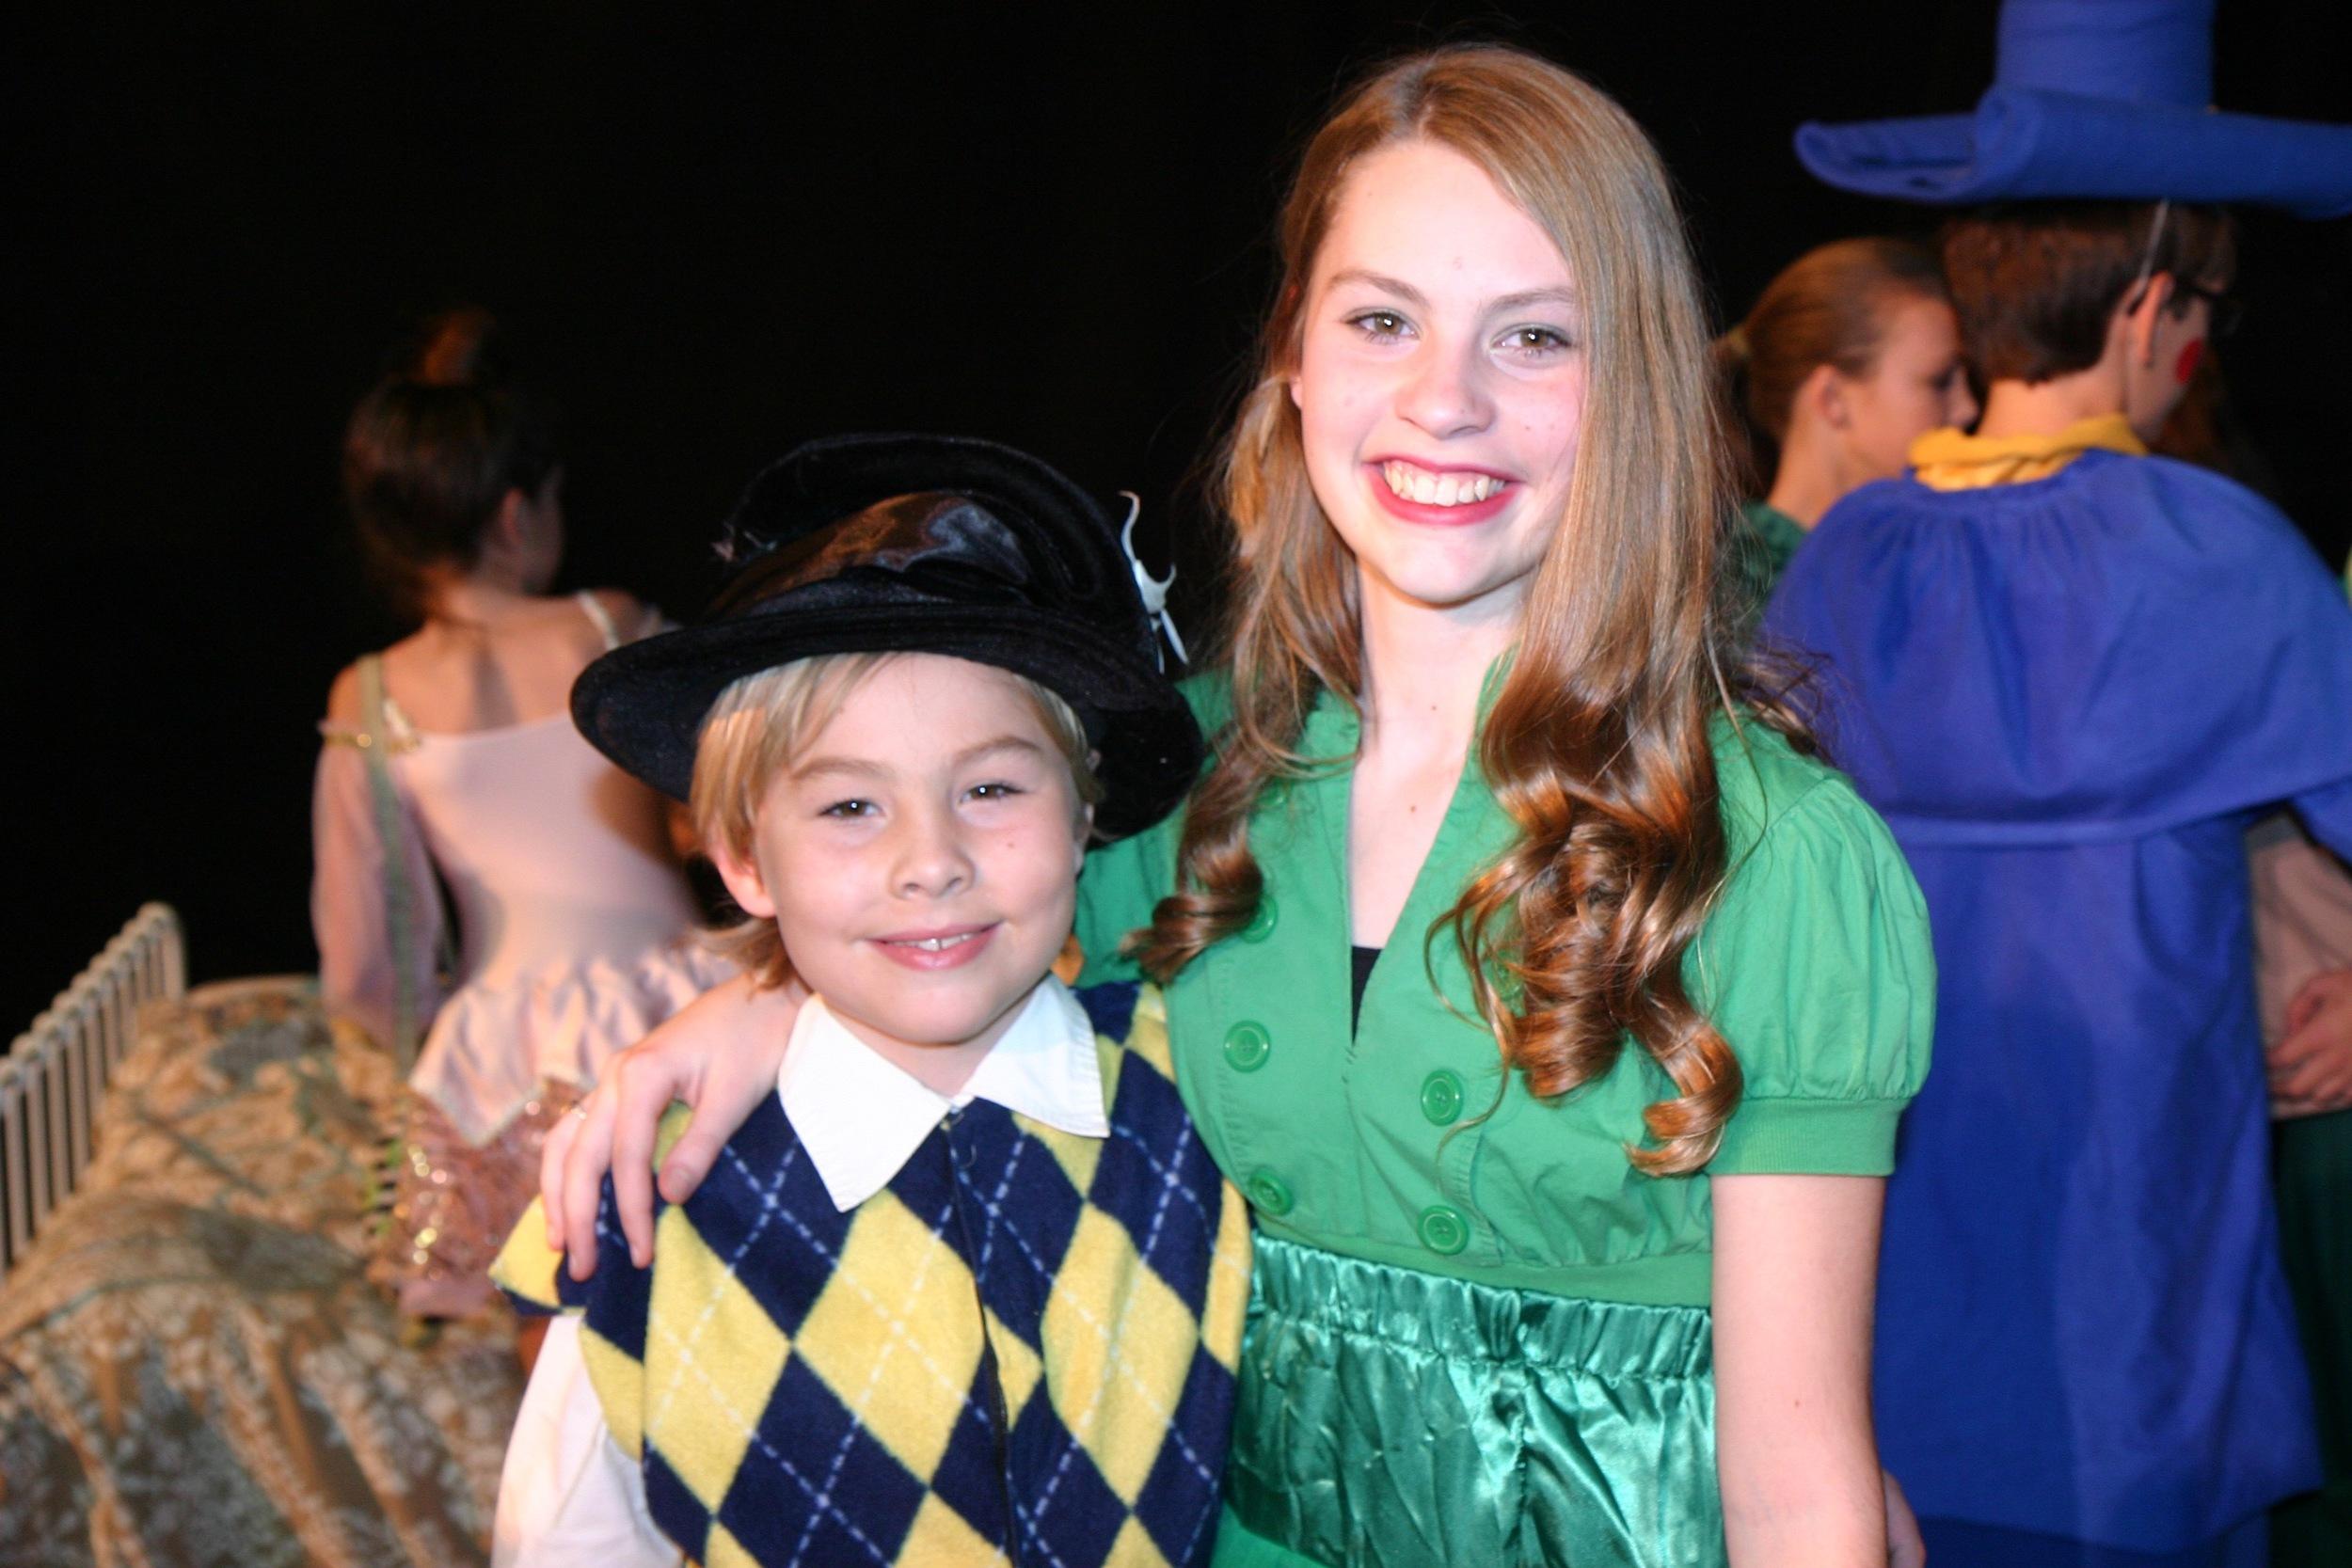 Nathan and Emma